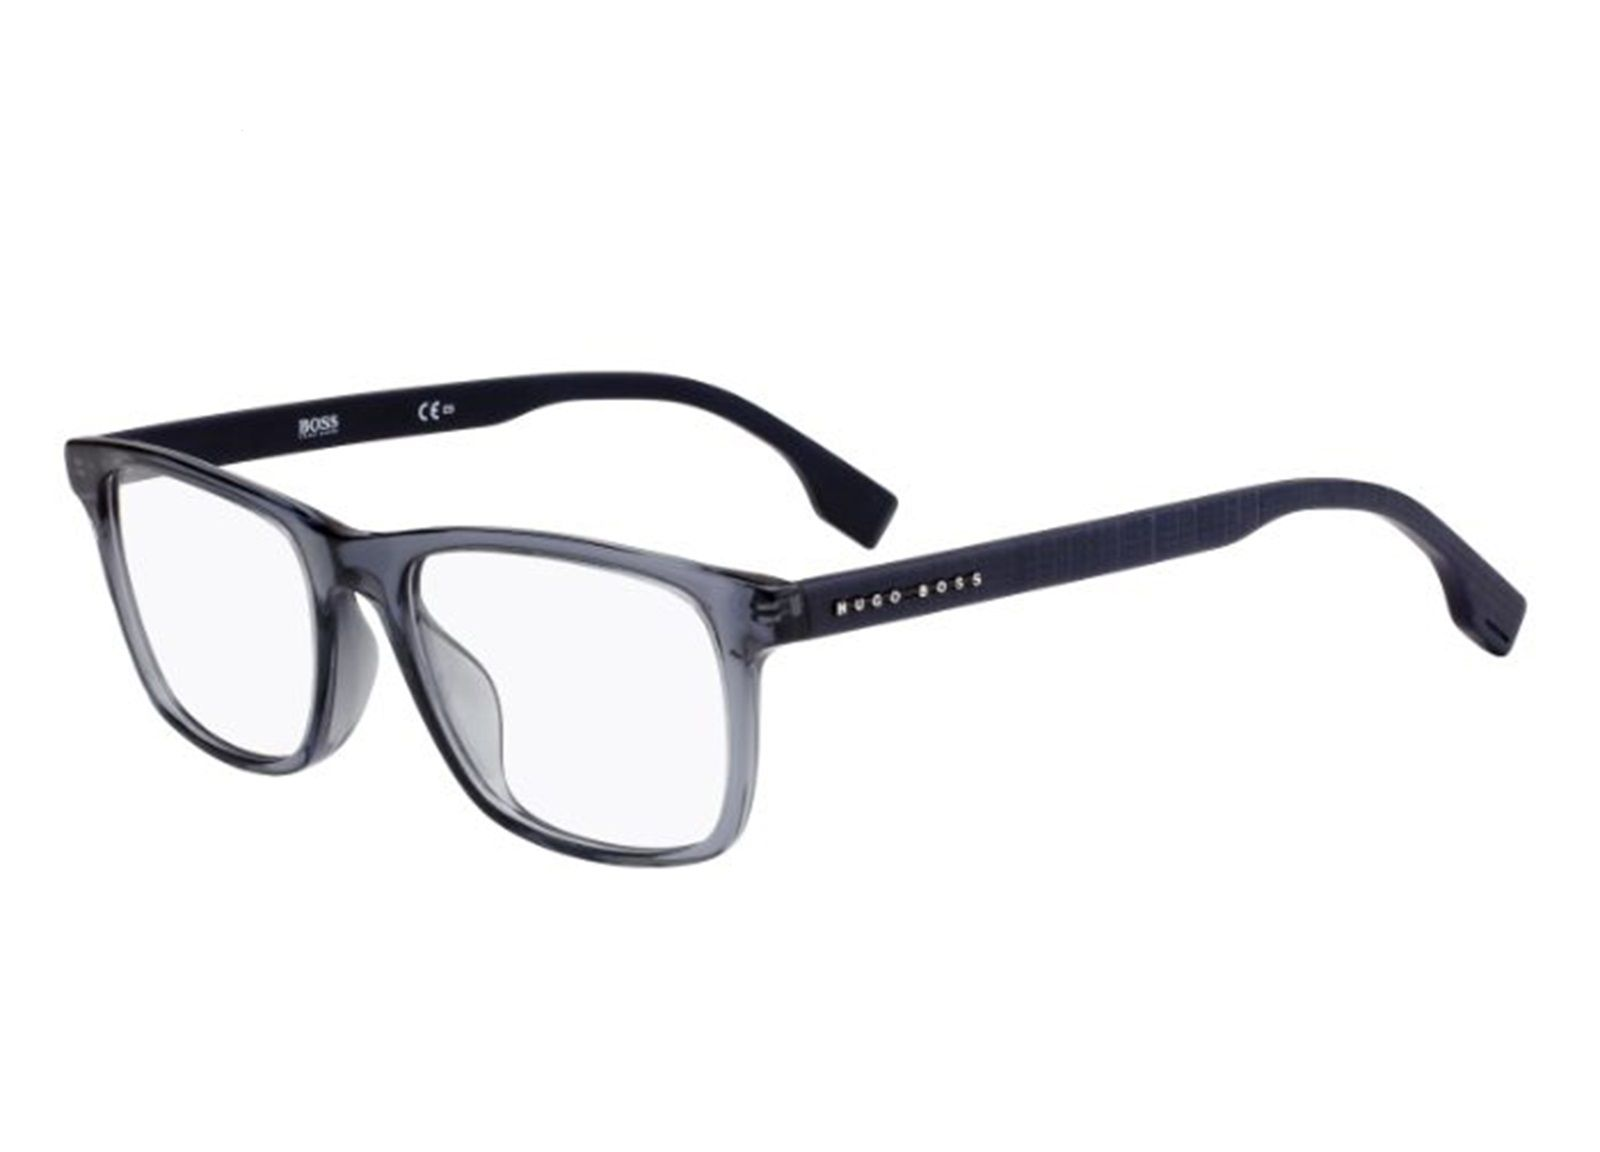 0aaa04e7ef707 Armação De Óculos De Grau Masculino Hugo Boss 1024 F KB7 - Omega ...